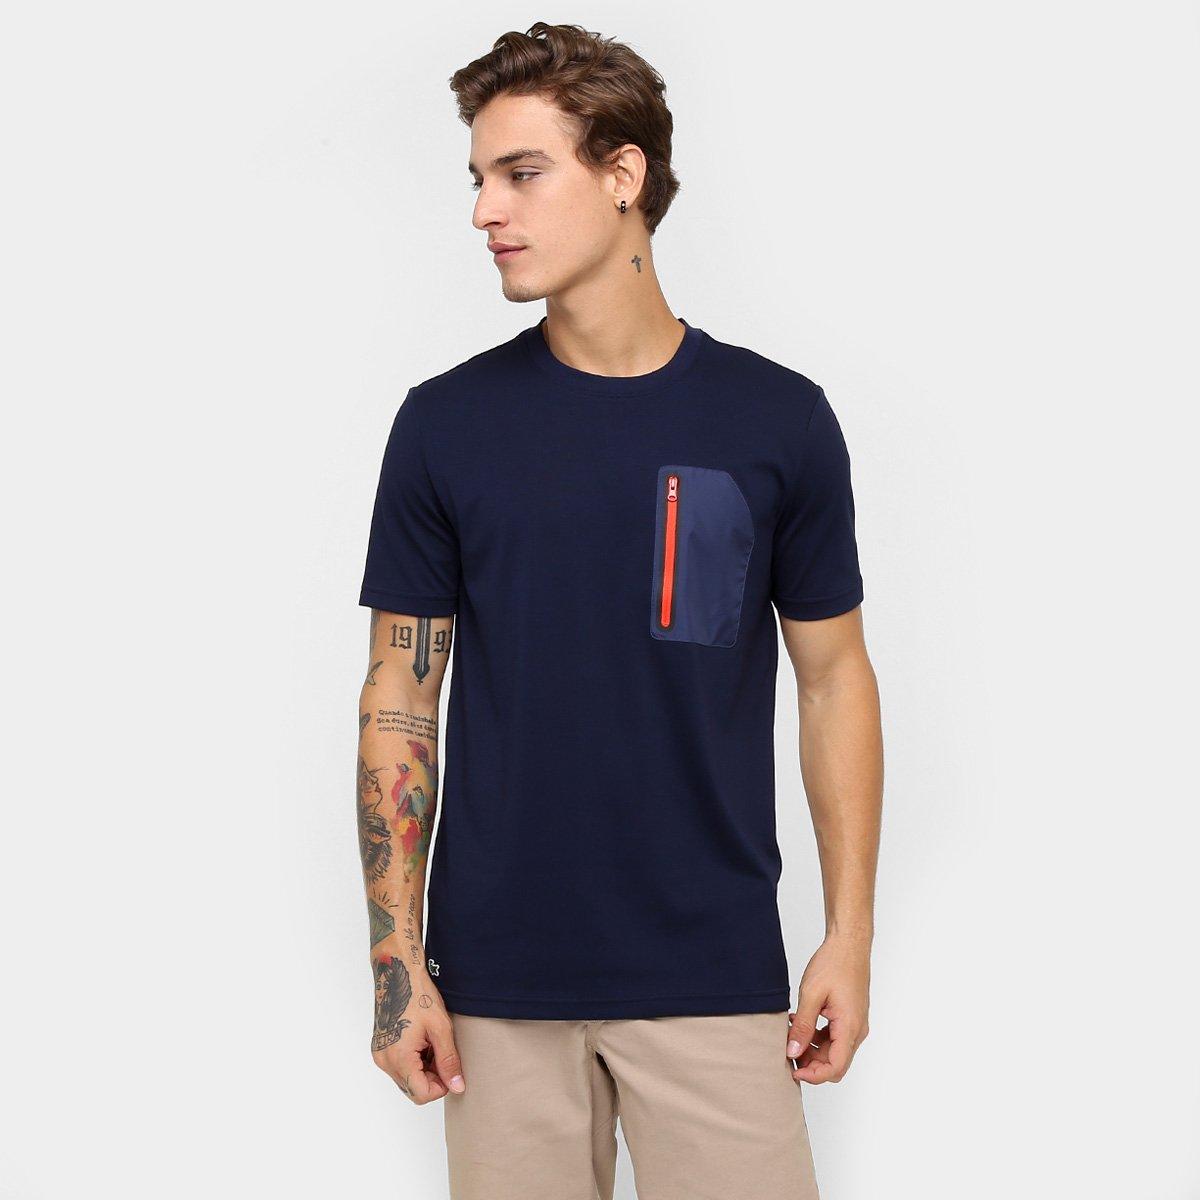 Camiseta Lacoste Live Bolso Zíper - Compre Agora   Zattini f97969f460